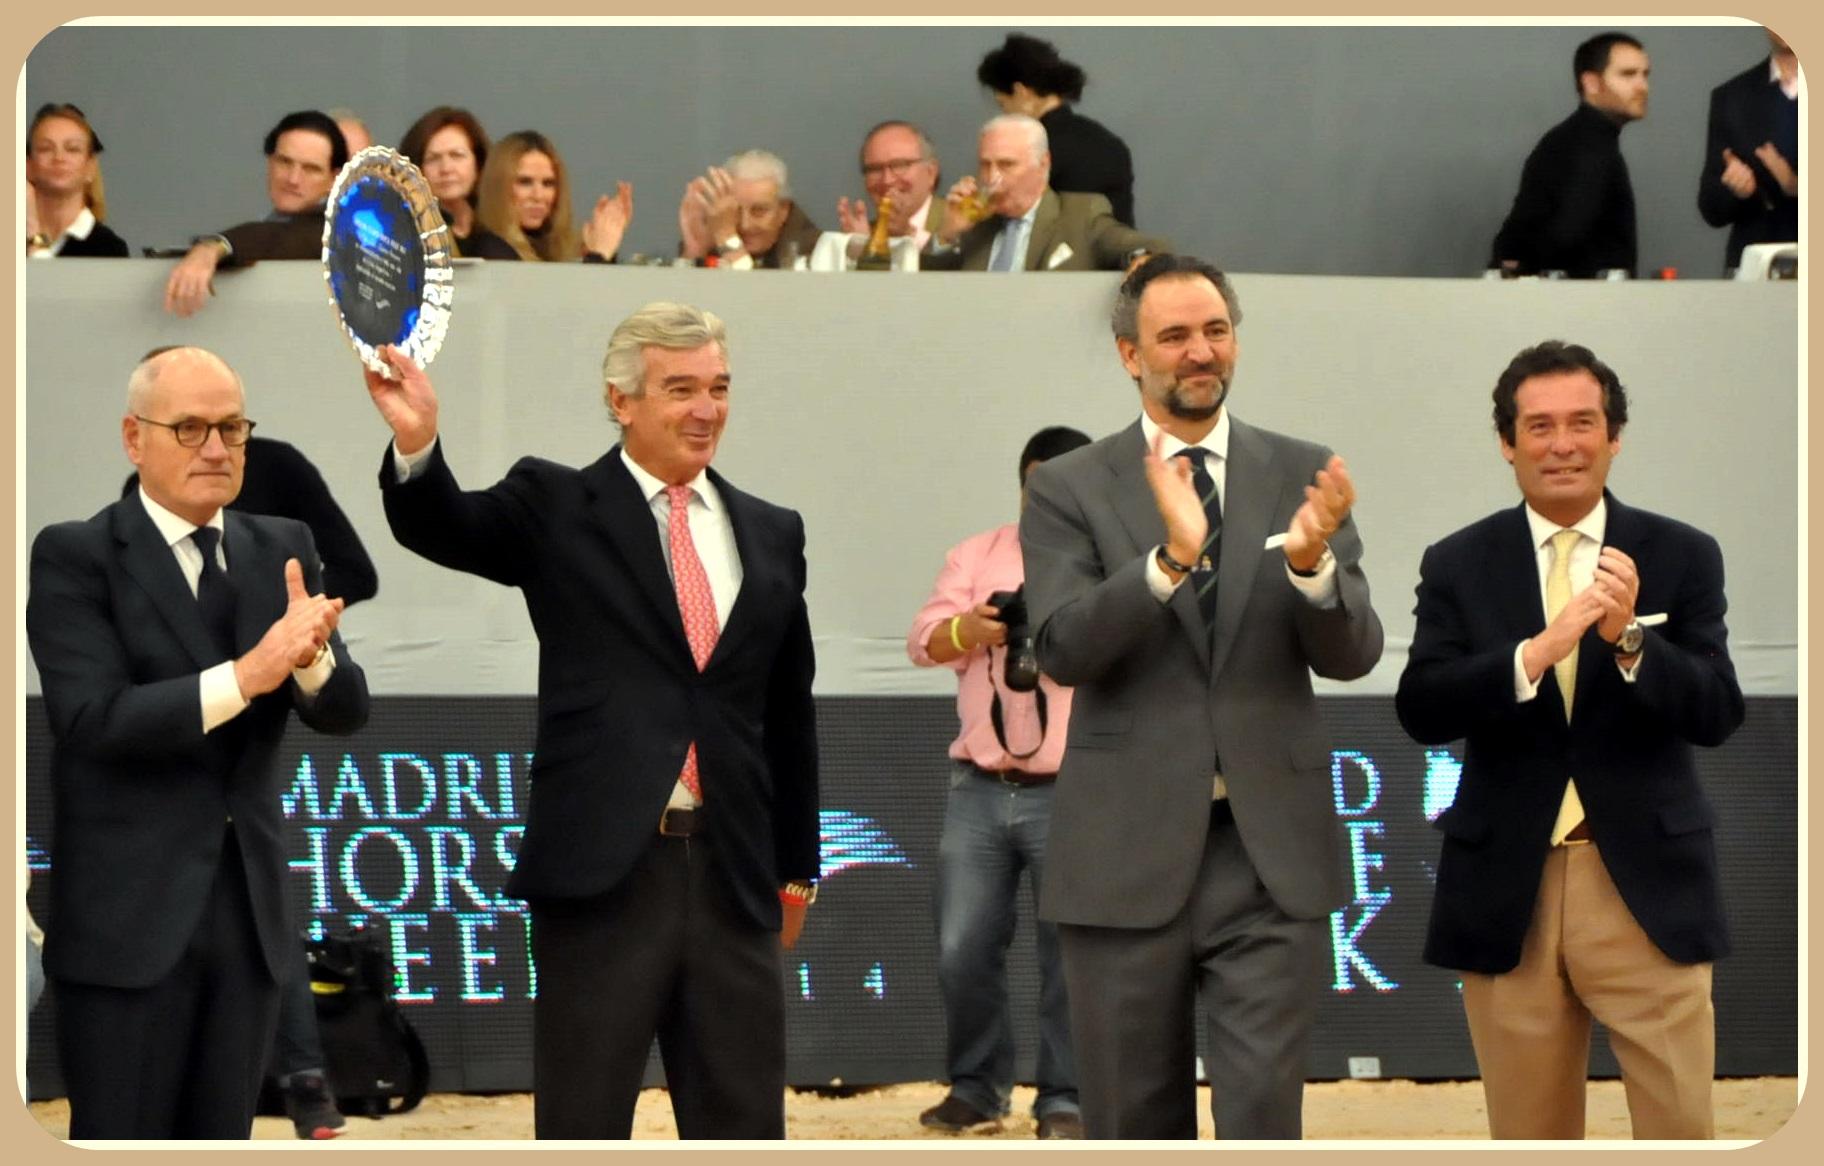 Cales Vilarubí, Luis Álvarez Cervera, Daniel Entrecanales y Luis Cabanas